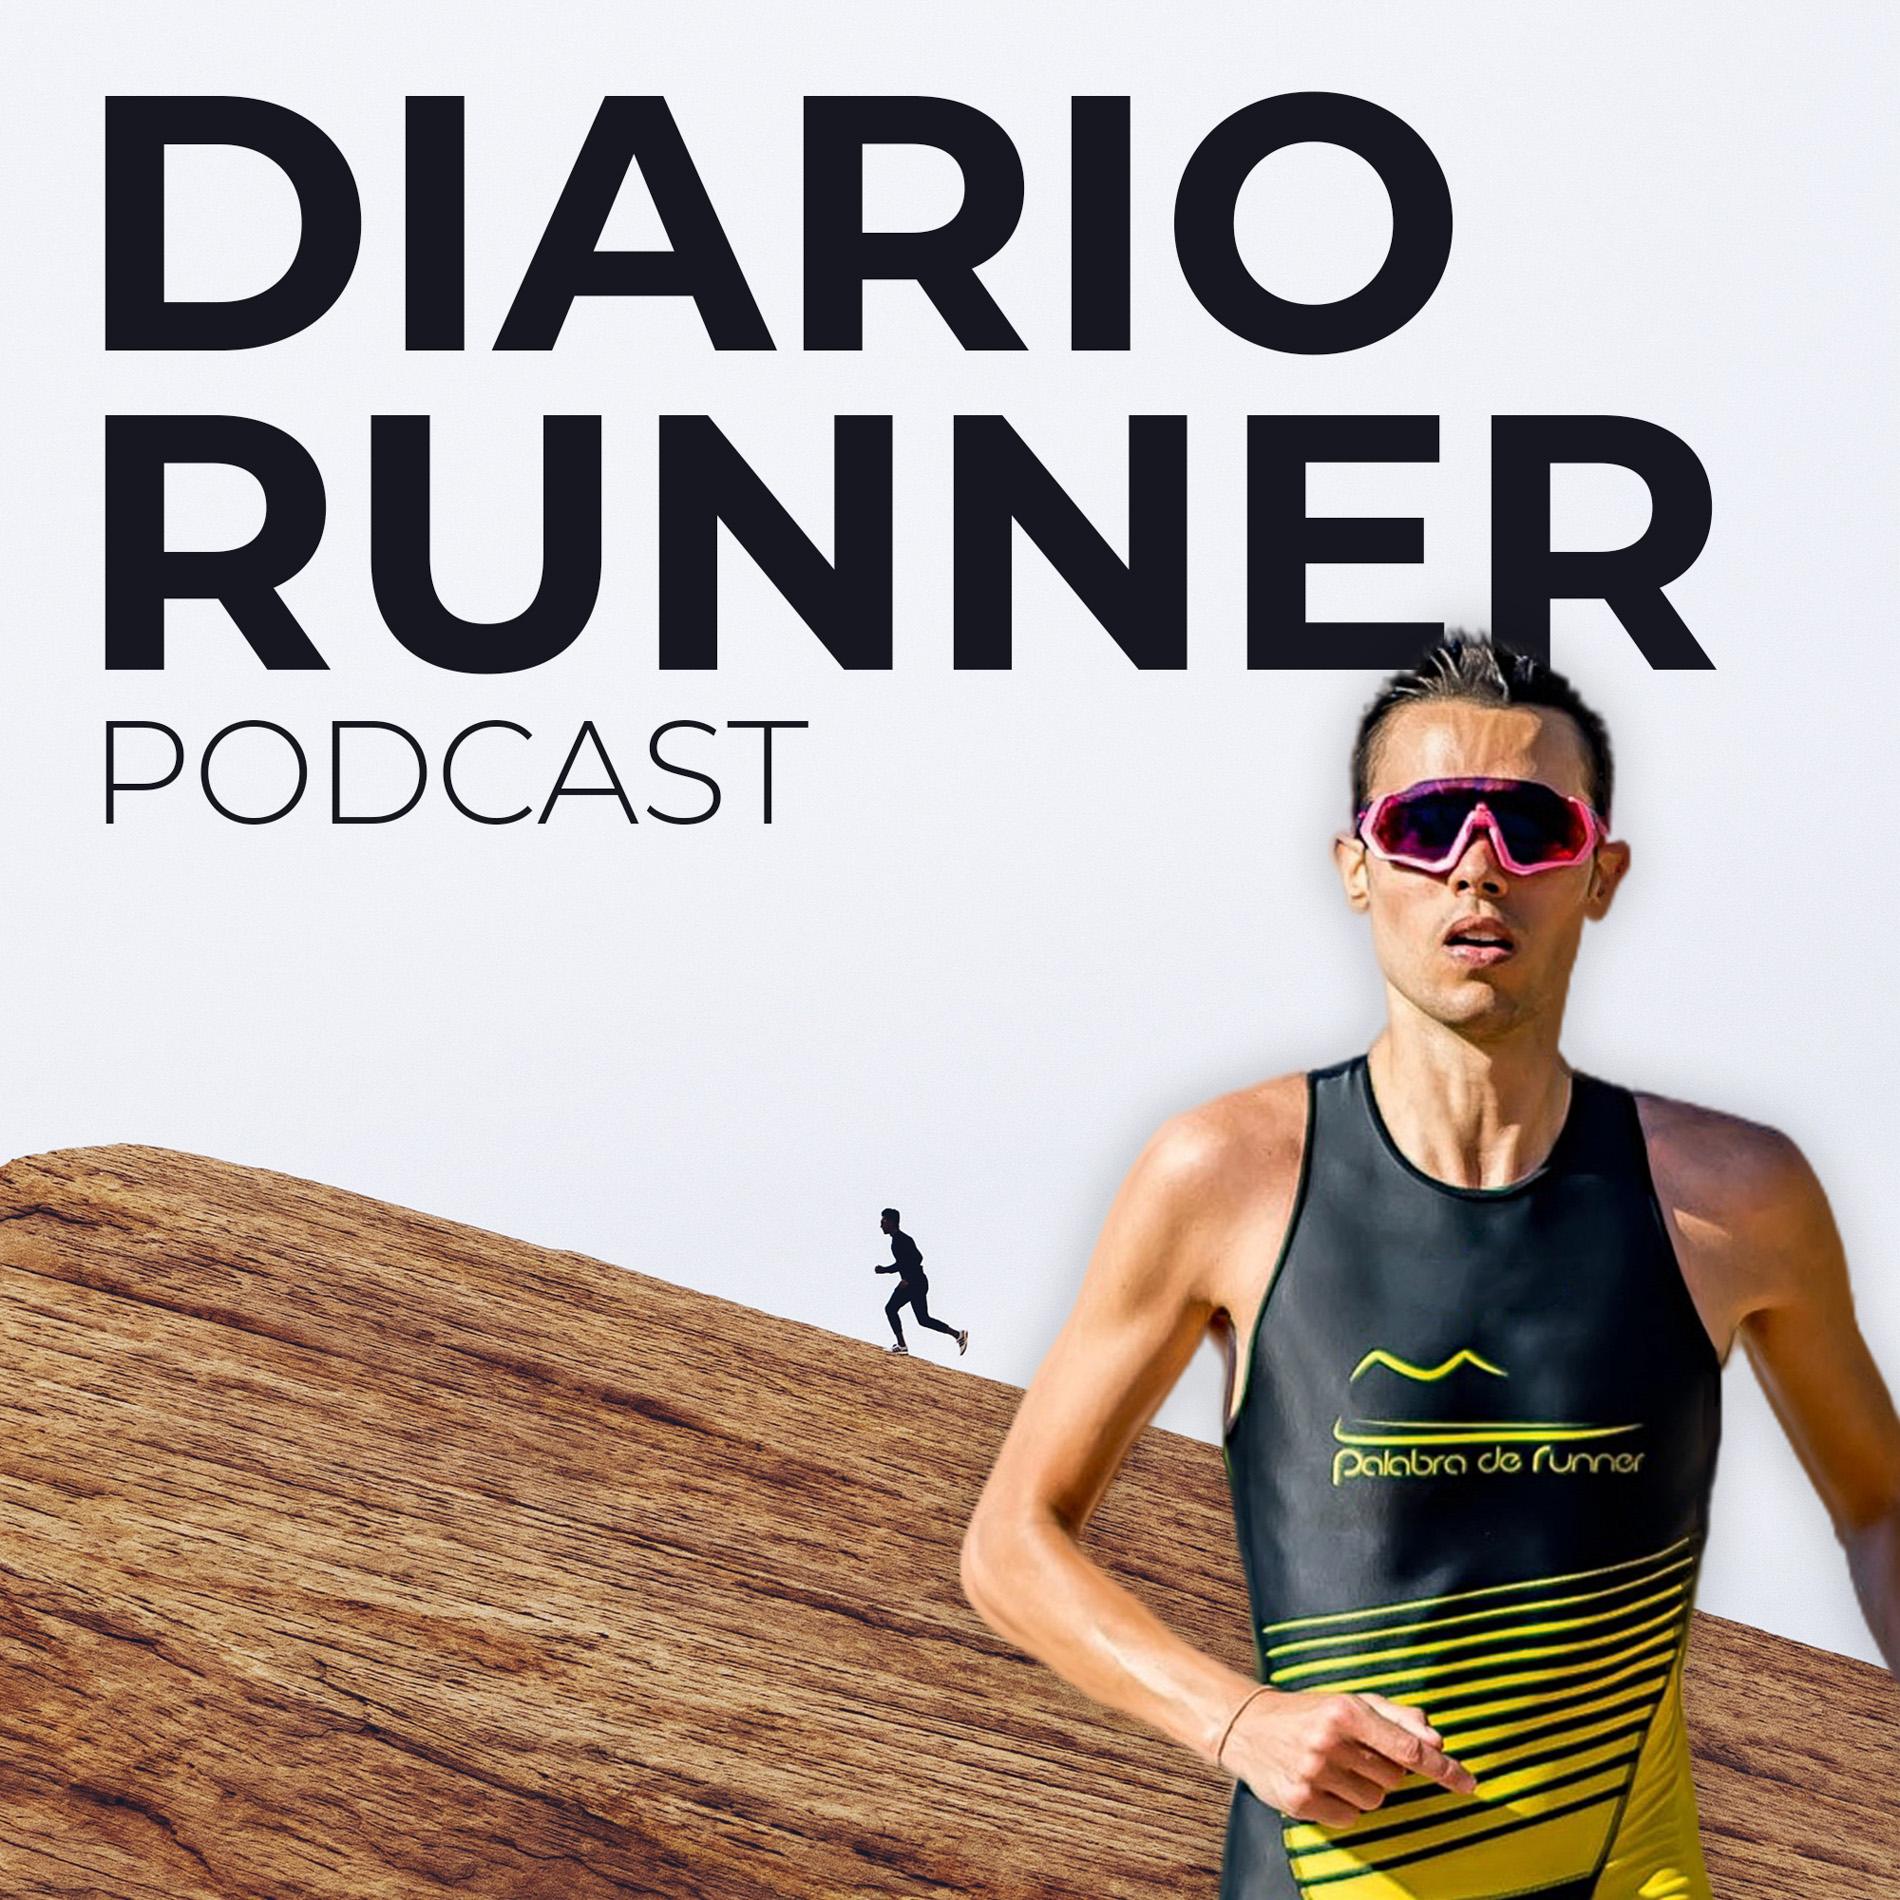 Diario Runner